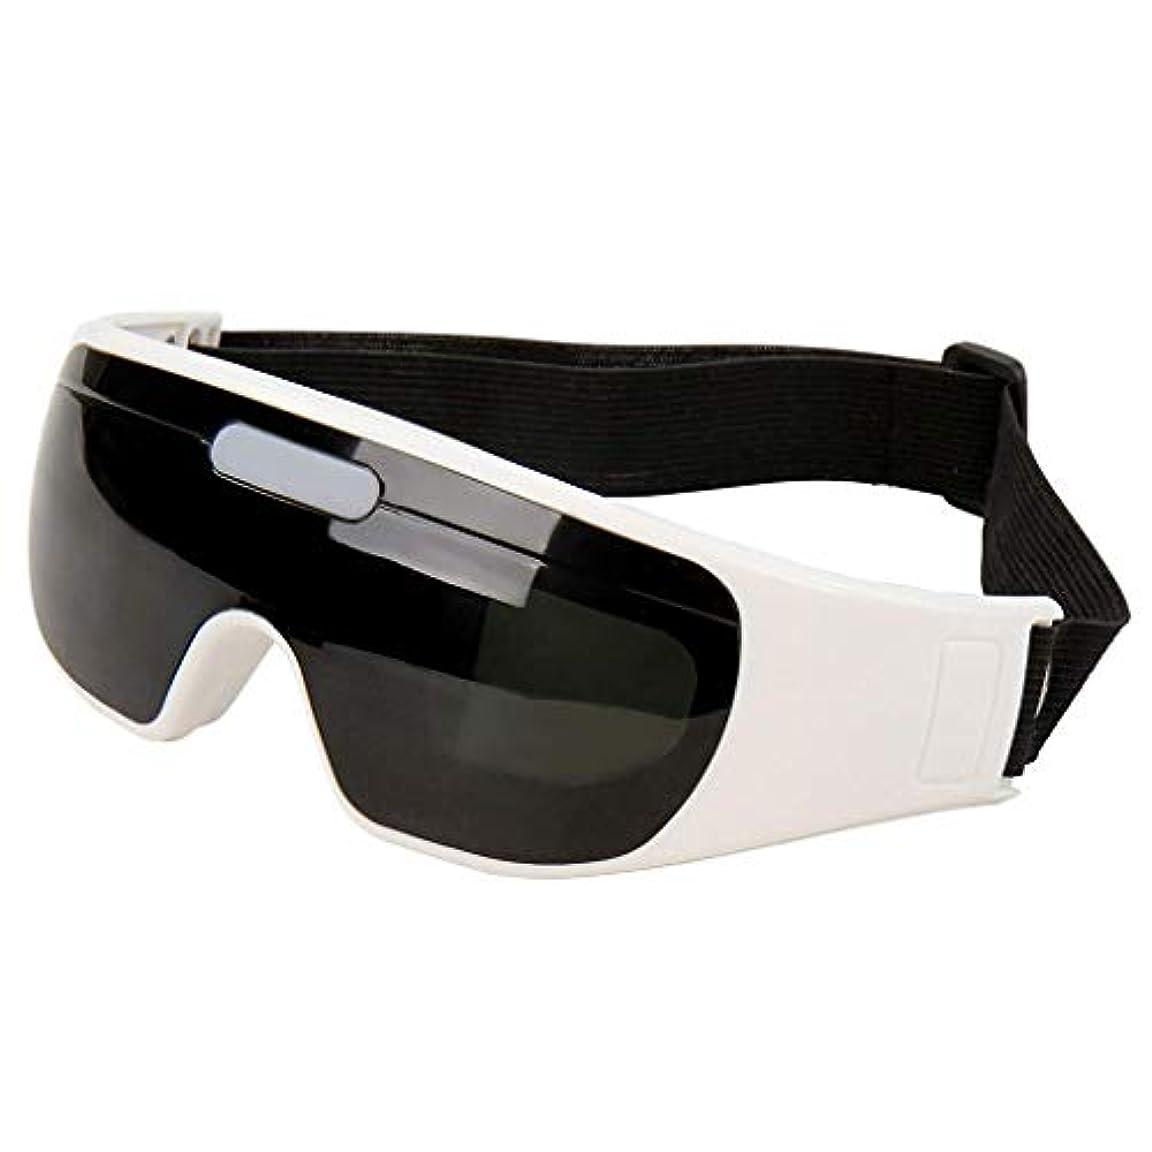 トレイルドルトランペットアイマッサージメガネ、24ソフトマッサージセンサーメガネ、磁気療法アイマッサージャー、9モード電動アイマッサージャー健康、リラクゼーション、鍼